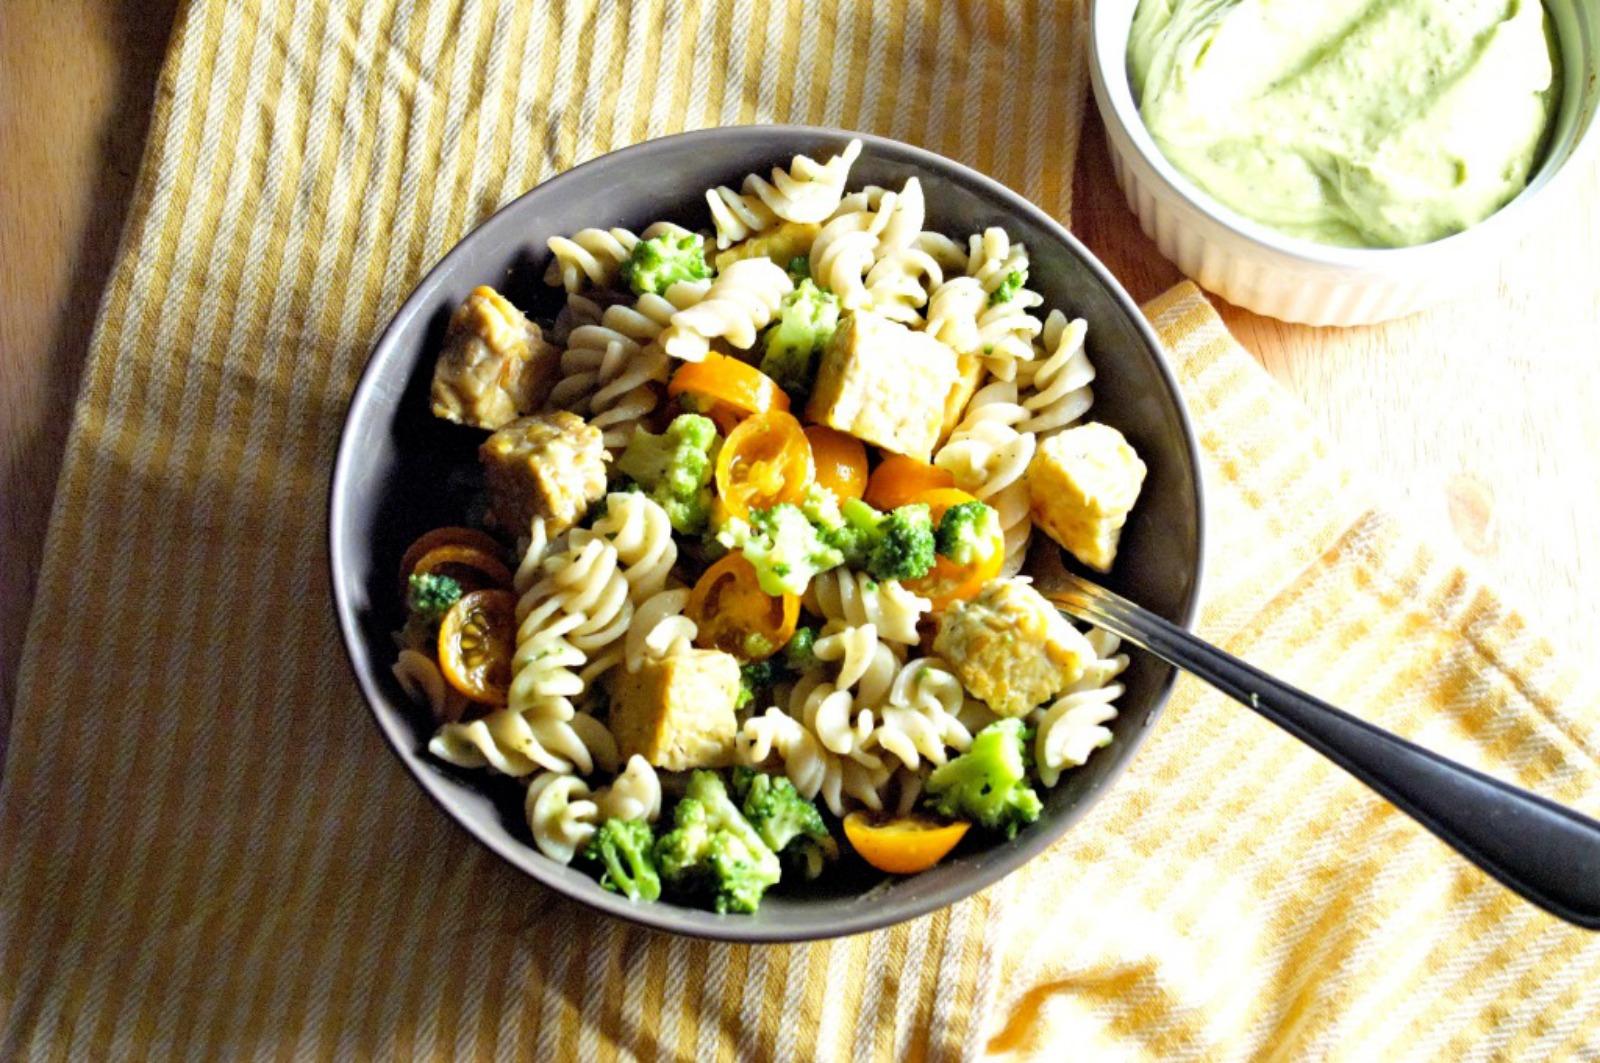 Creamy Avocado Pasta Salad [Vegan]